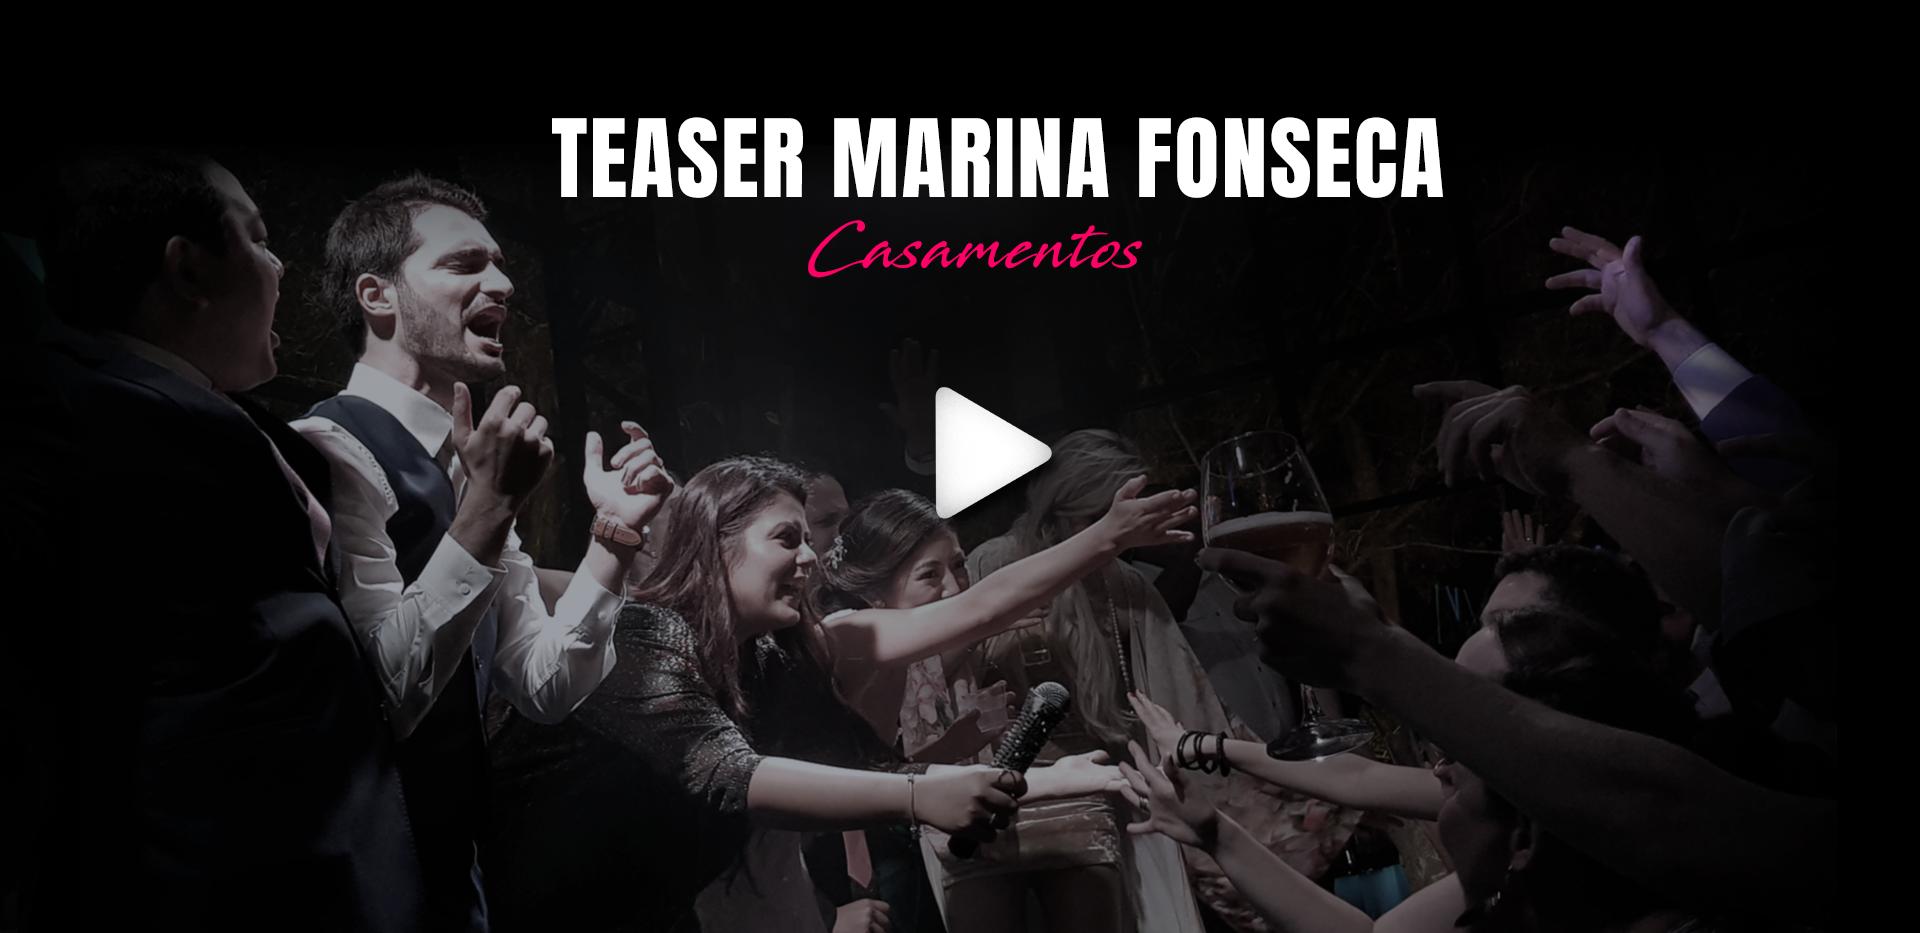 TEASER MARINA FONSECA - CASAMENTOS.mp4